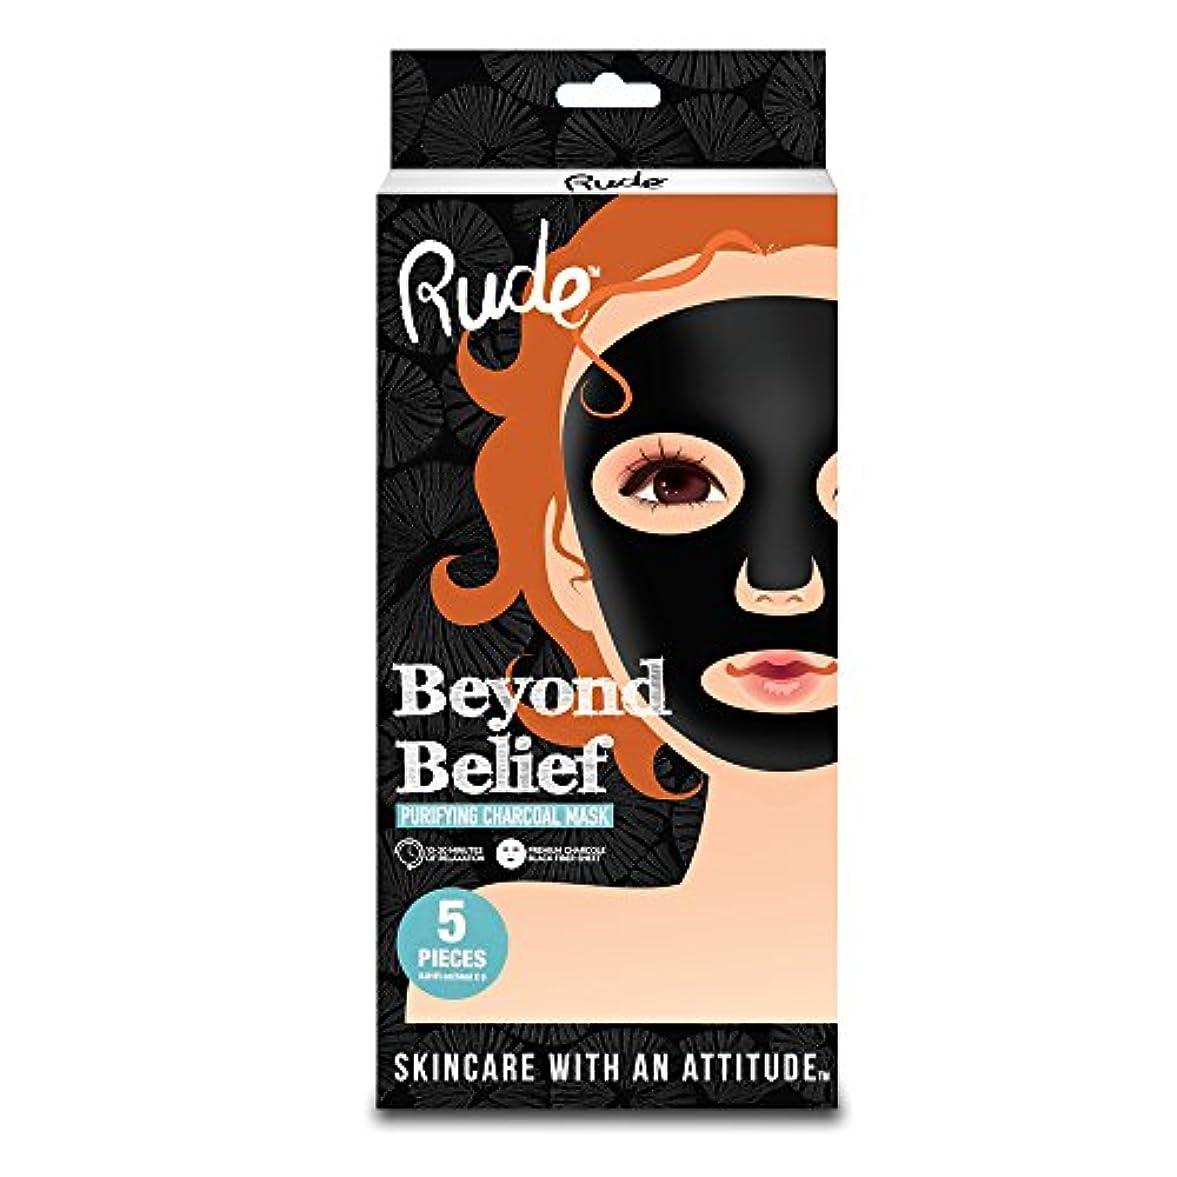 バックグラウンド宿る人事RUDE Beyond Belief Purifying Charcoal Mask 5 Piece Pack (並行輸入品)